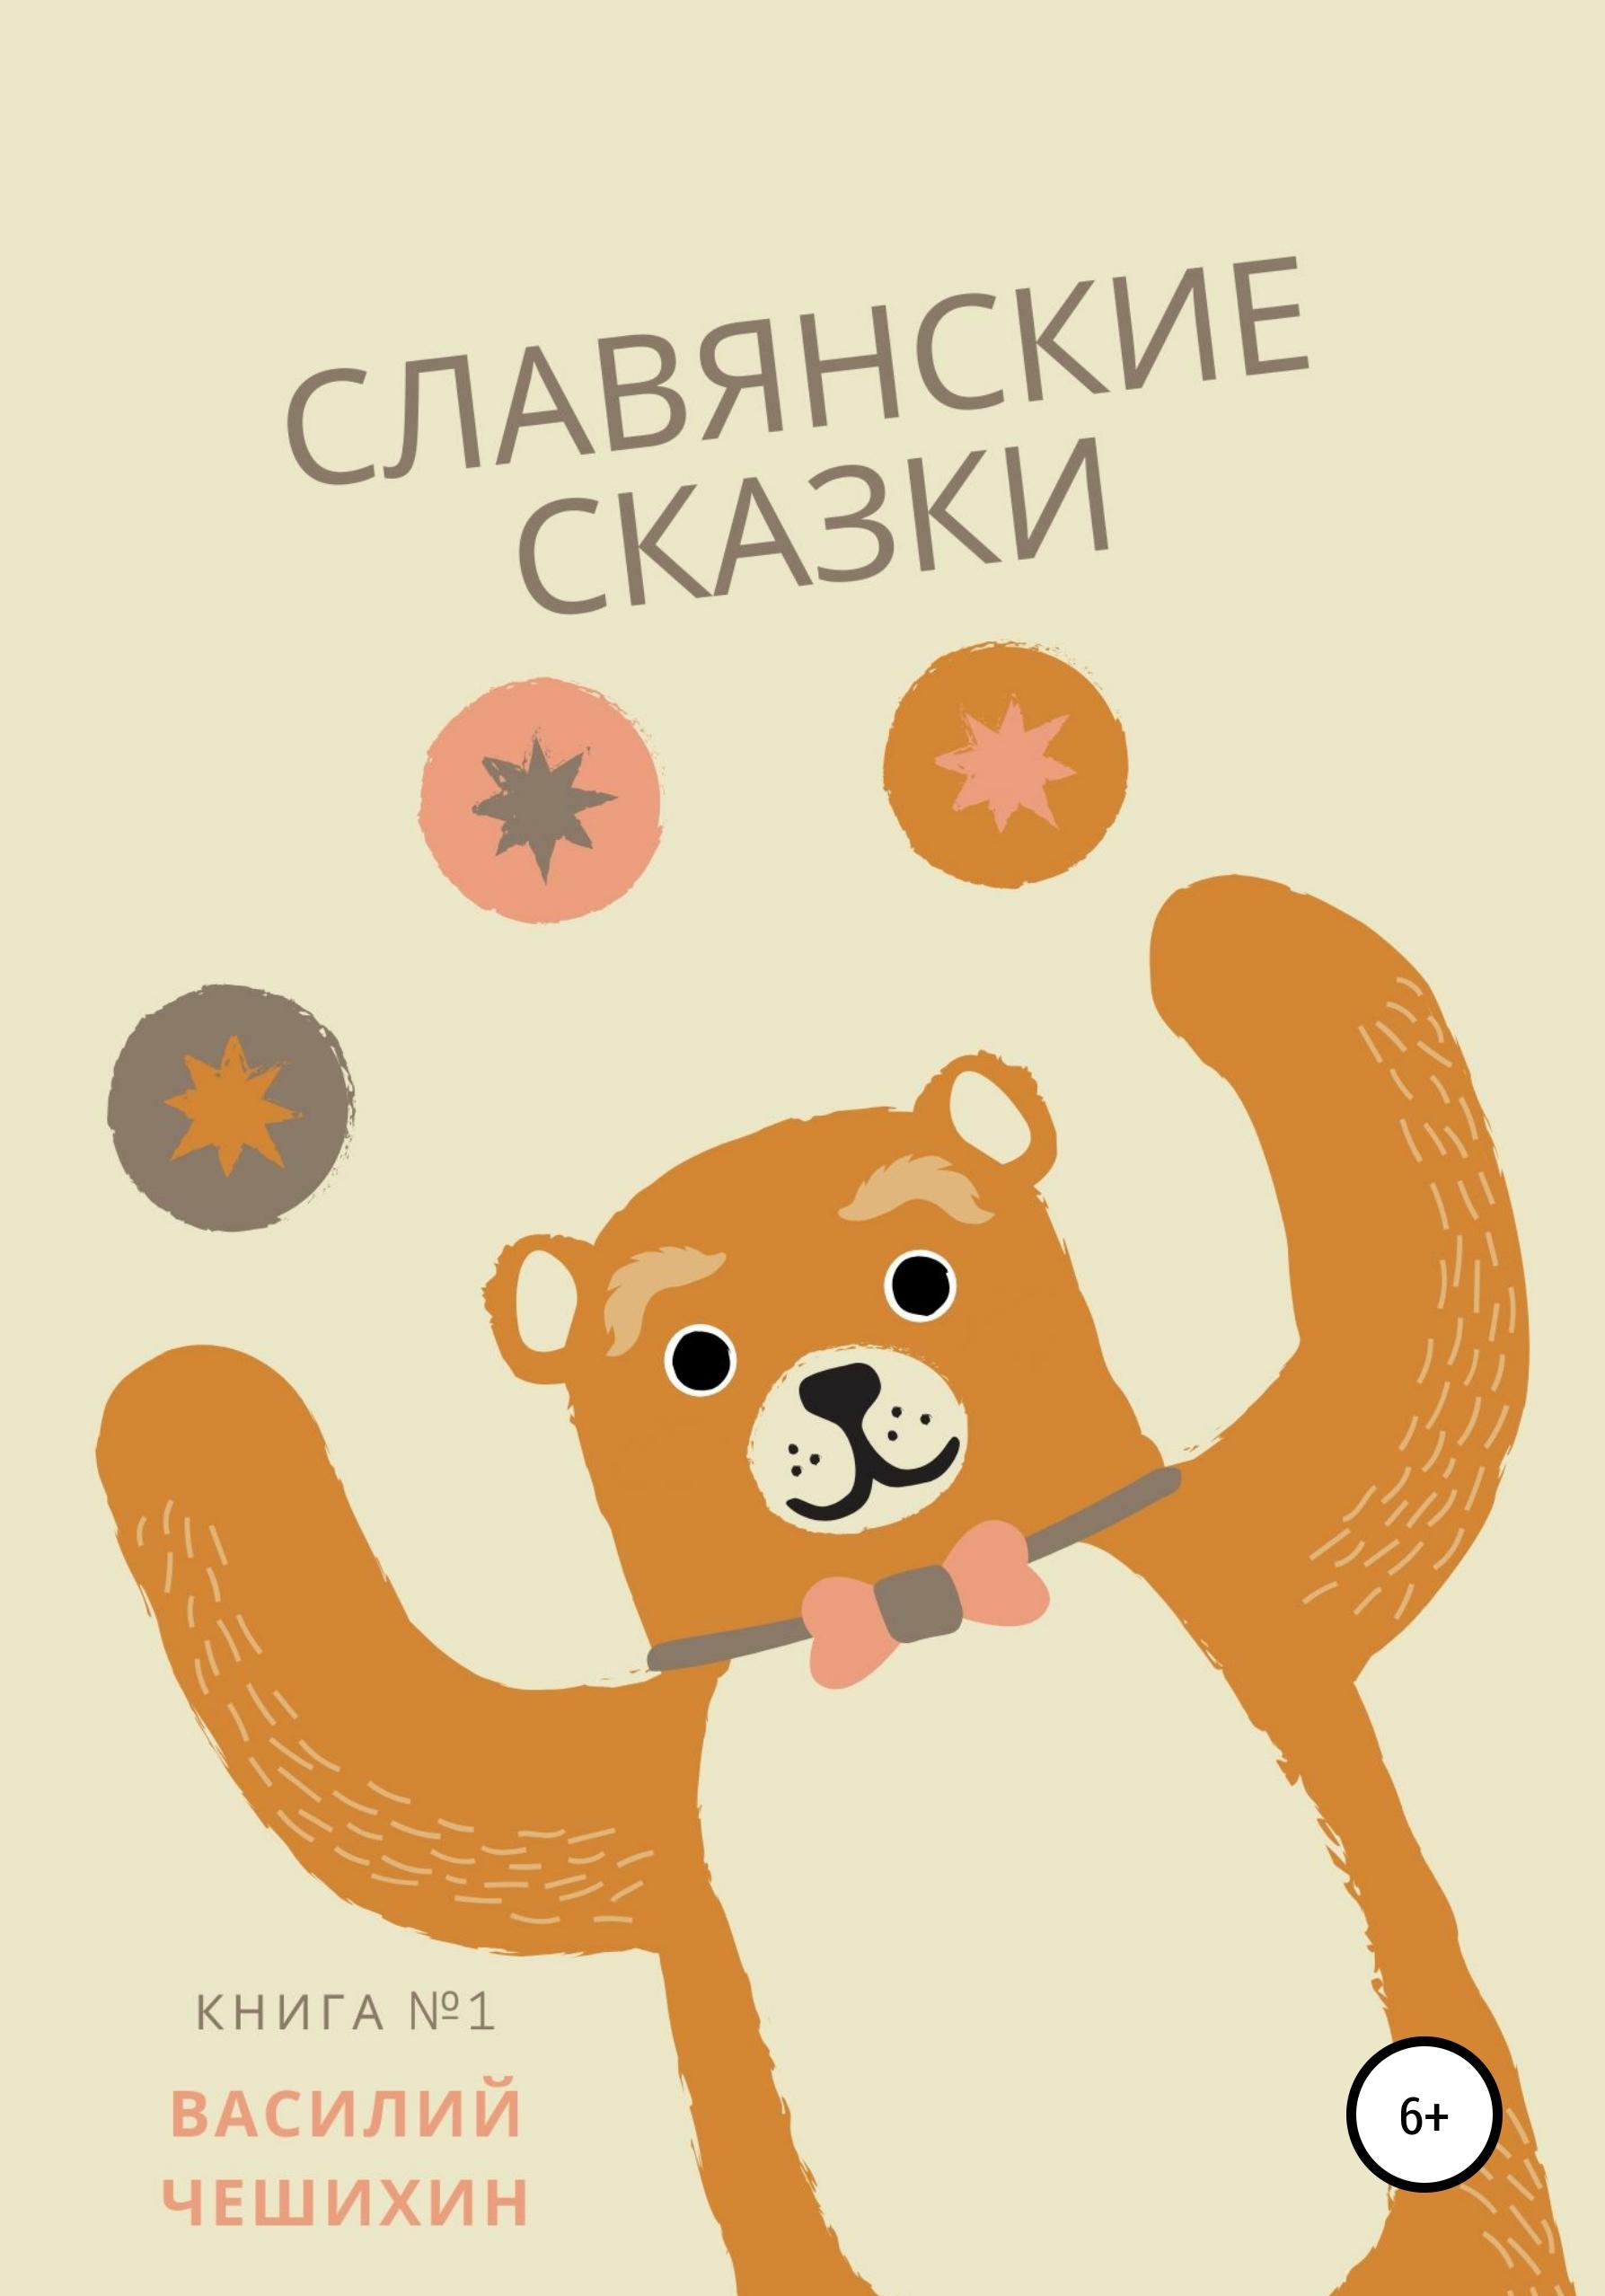 цена на Василий Чешихин Славянские Сказки